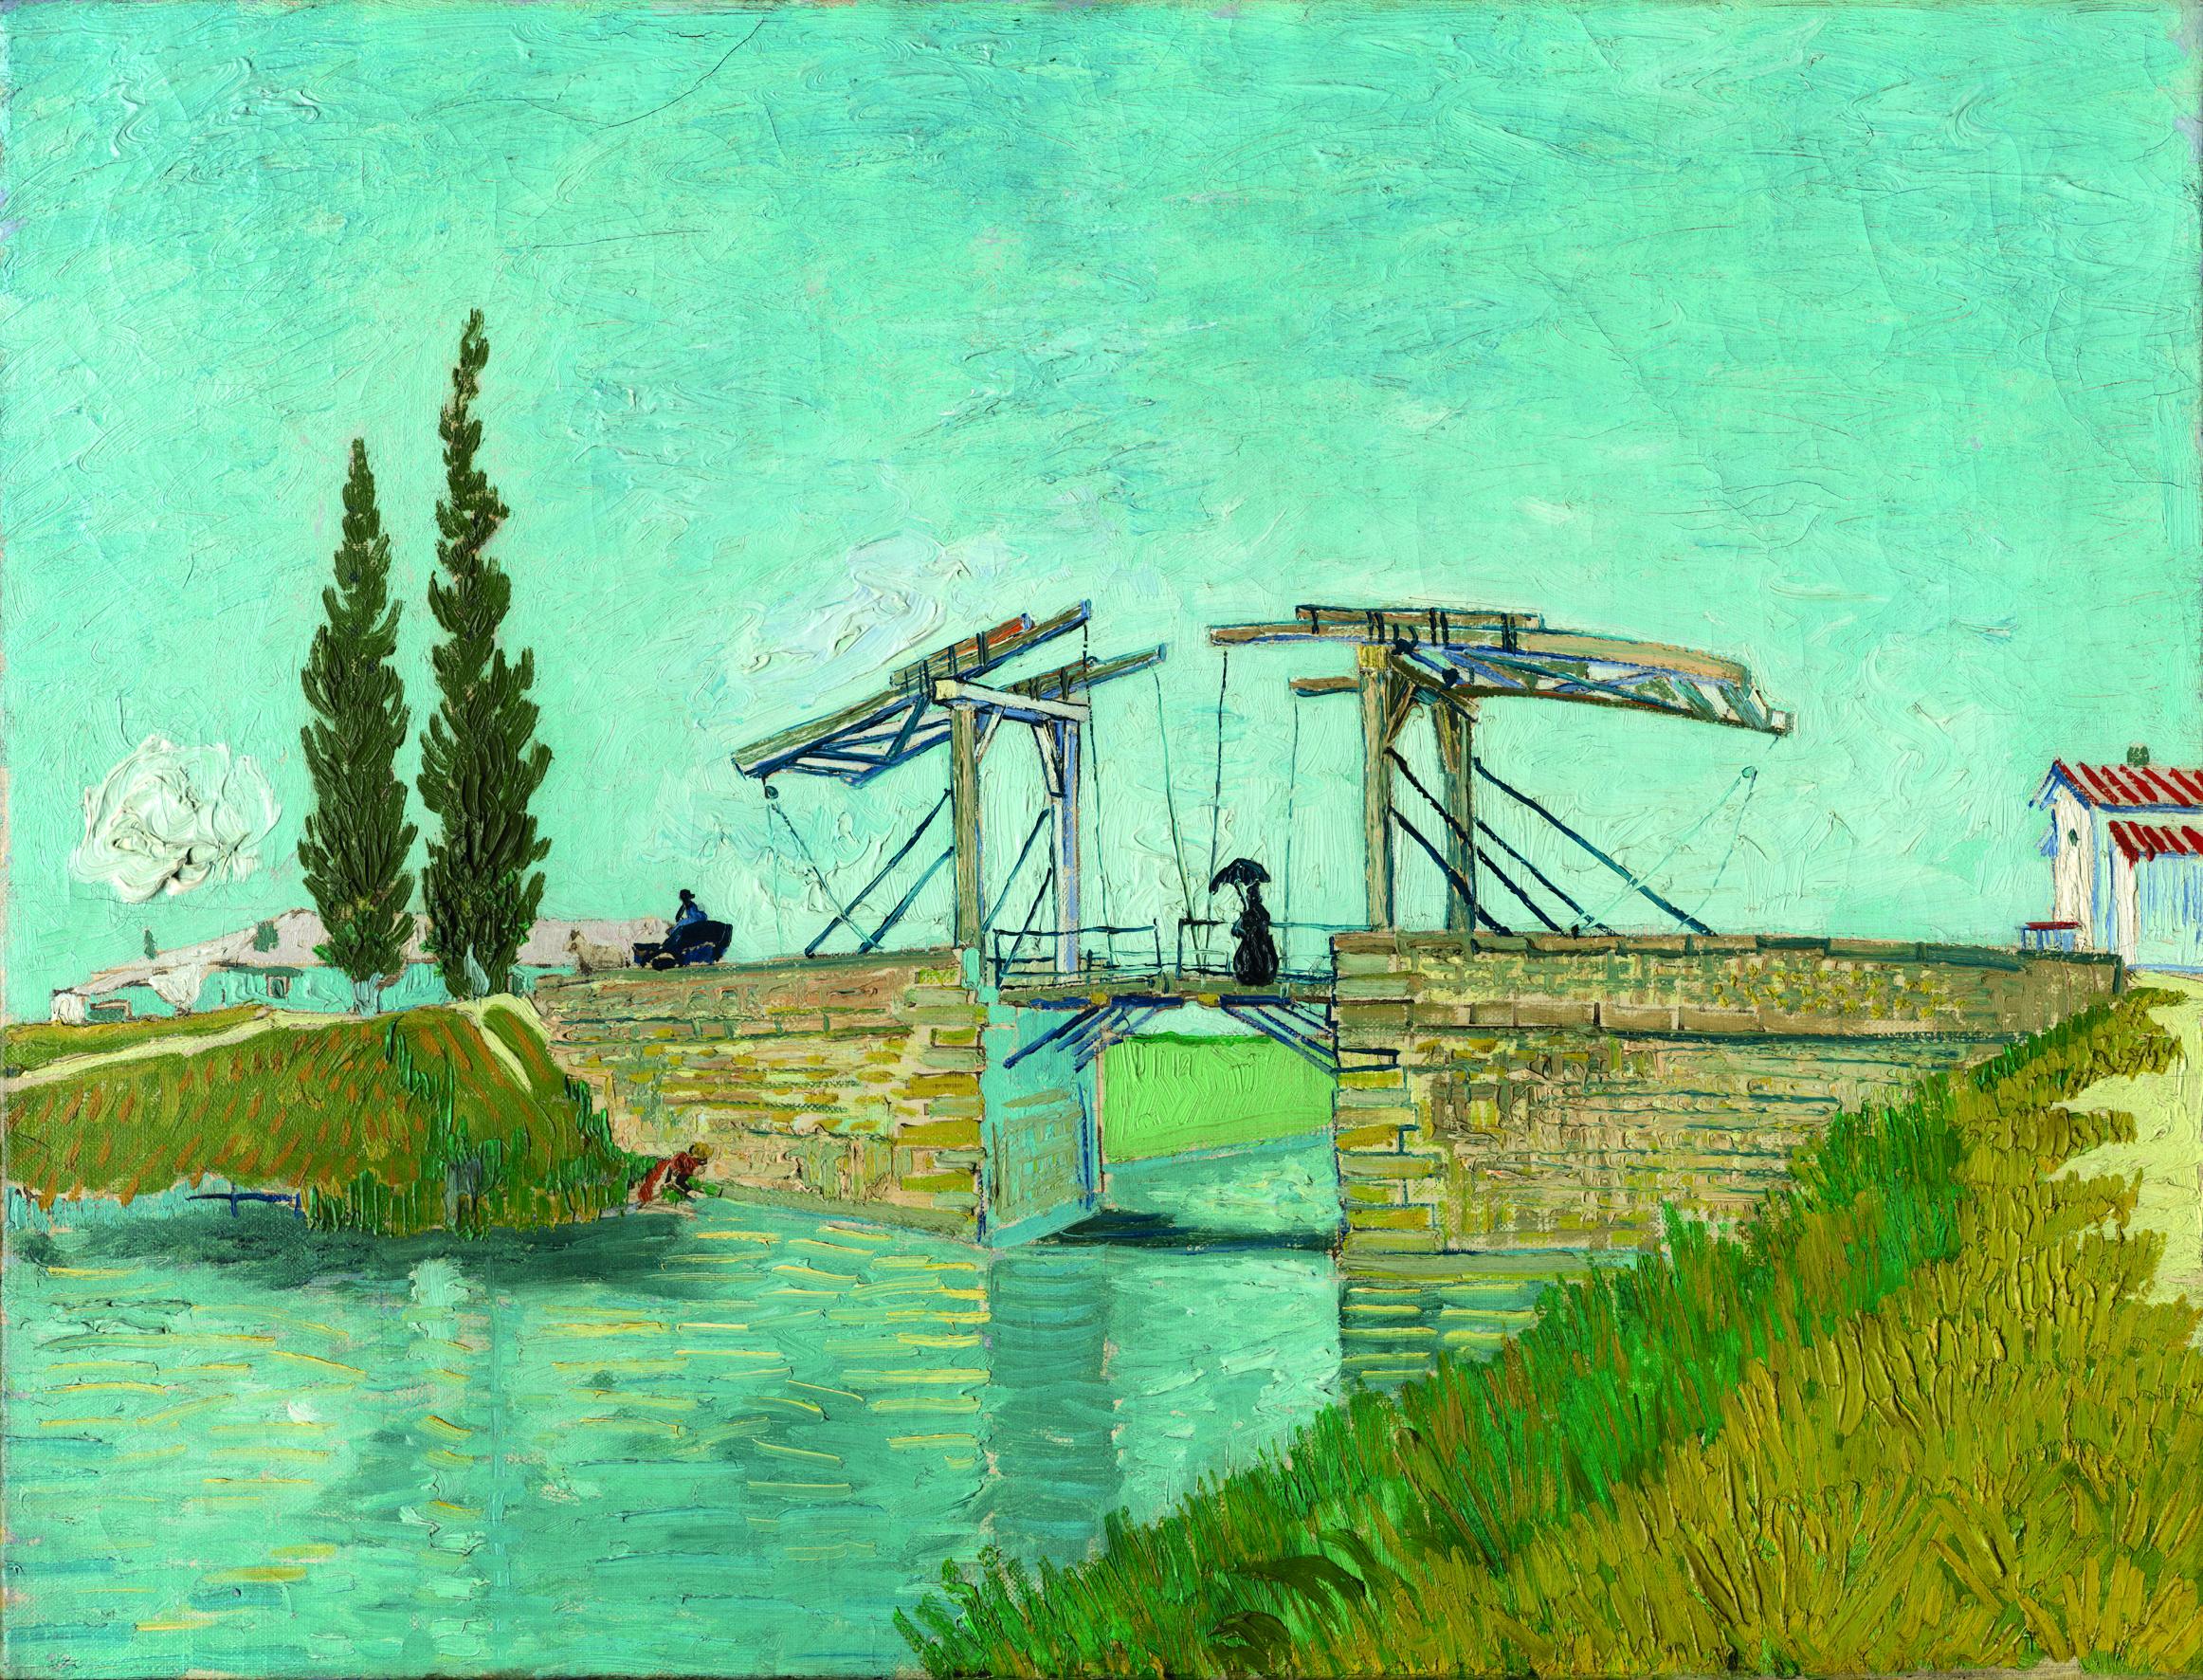 Vincent van Gogh, Die Zugbrücke, 1888, Öl auf Leinwand, Wallraf-Richartz-Museum & Fondation Corboud, Köln, Foto: © Rheinisches Bildarchiv, Köln